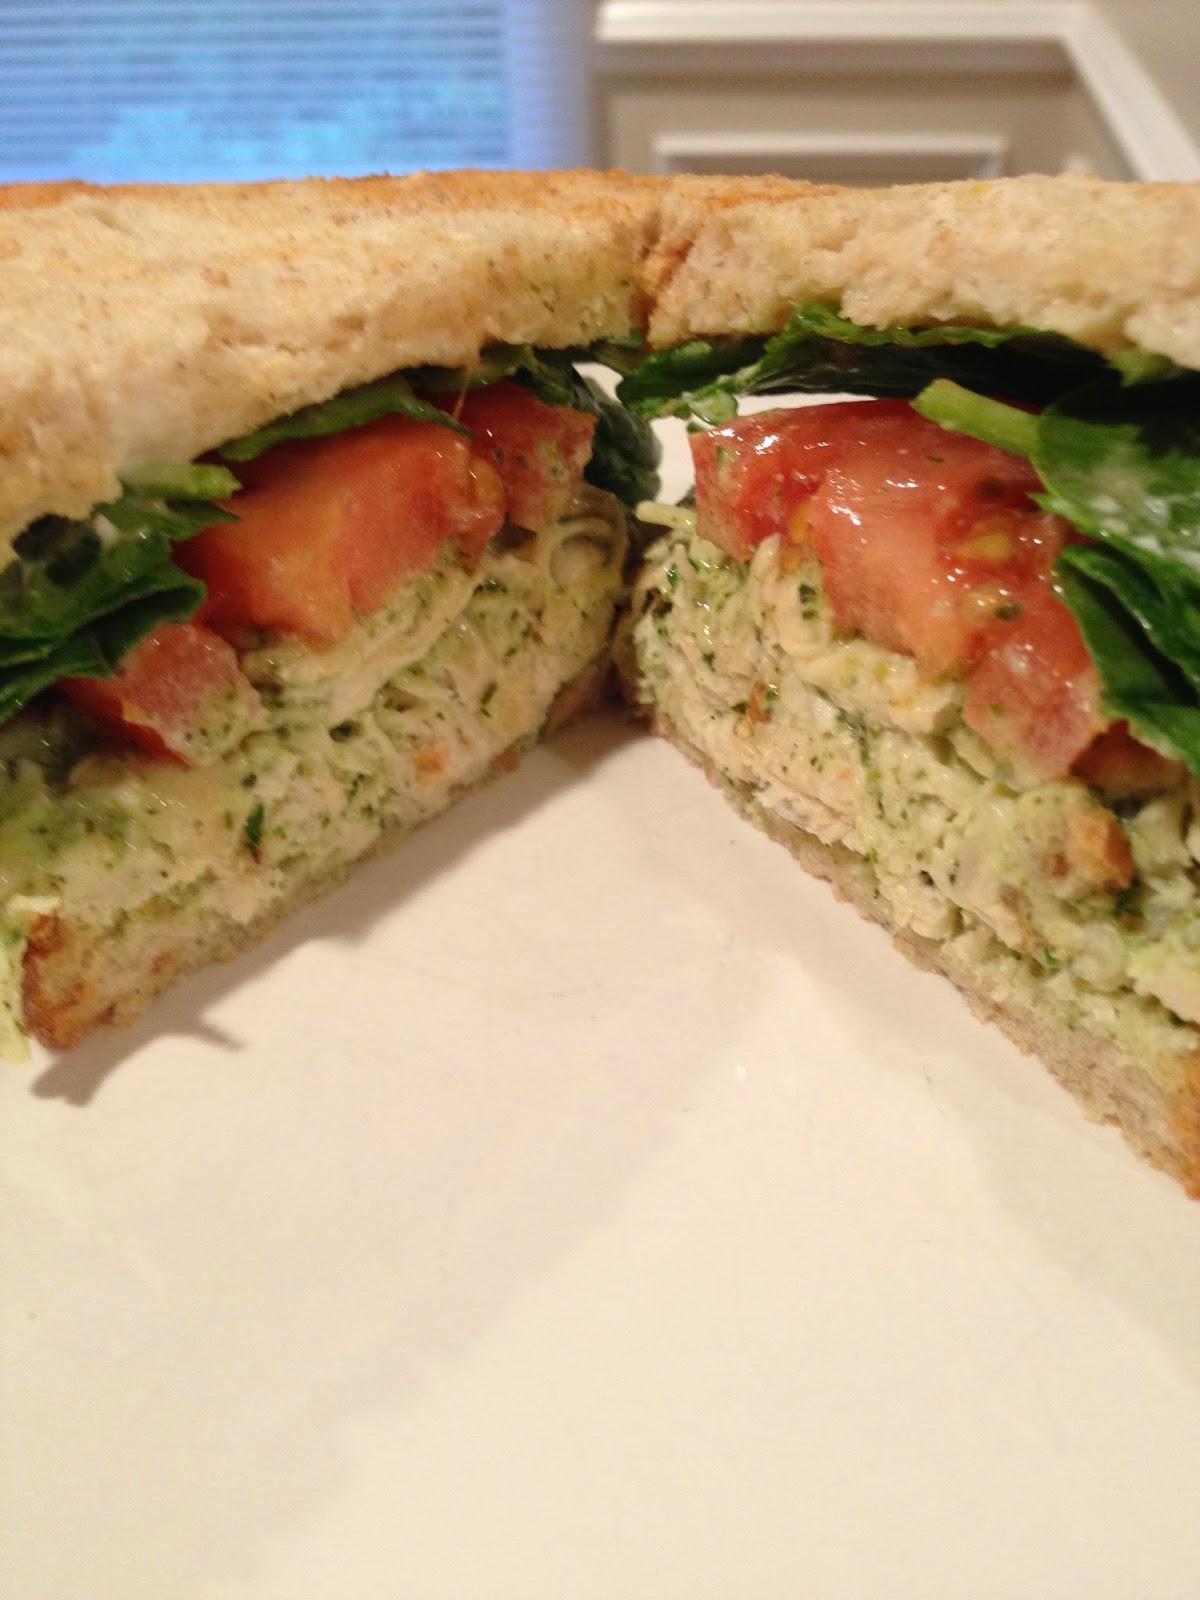 pesto-chicken-salad-sandwich